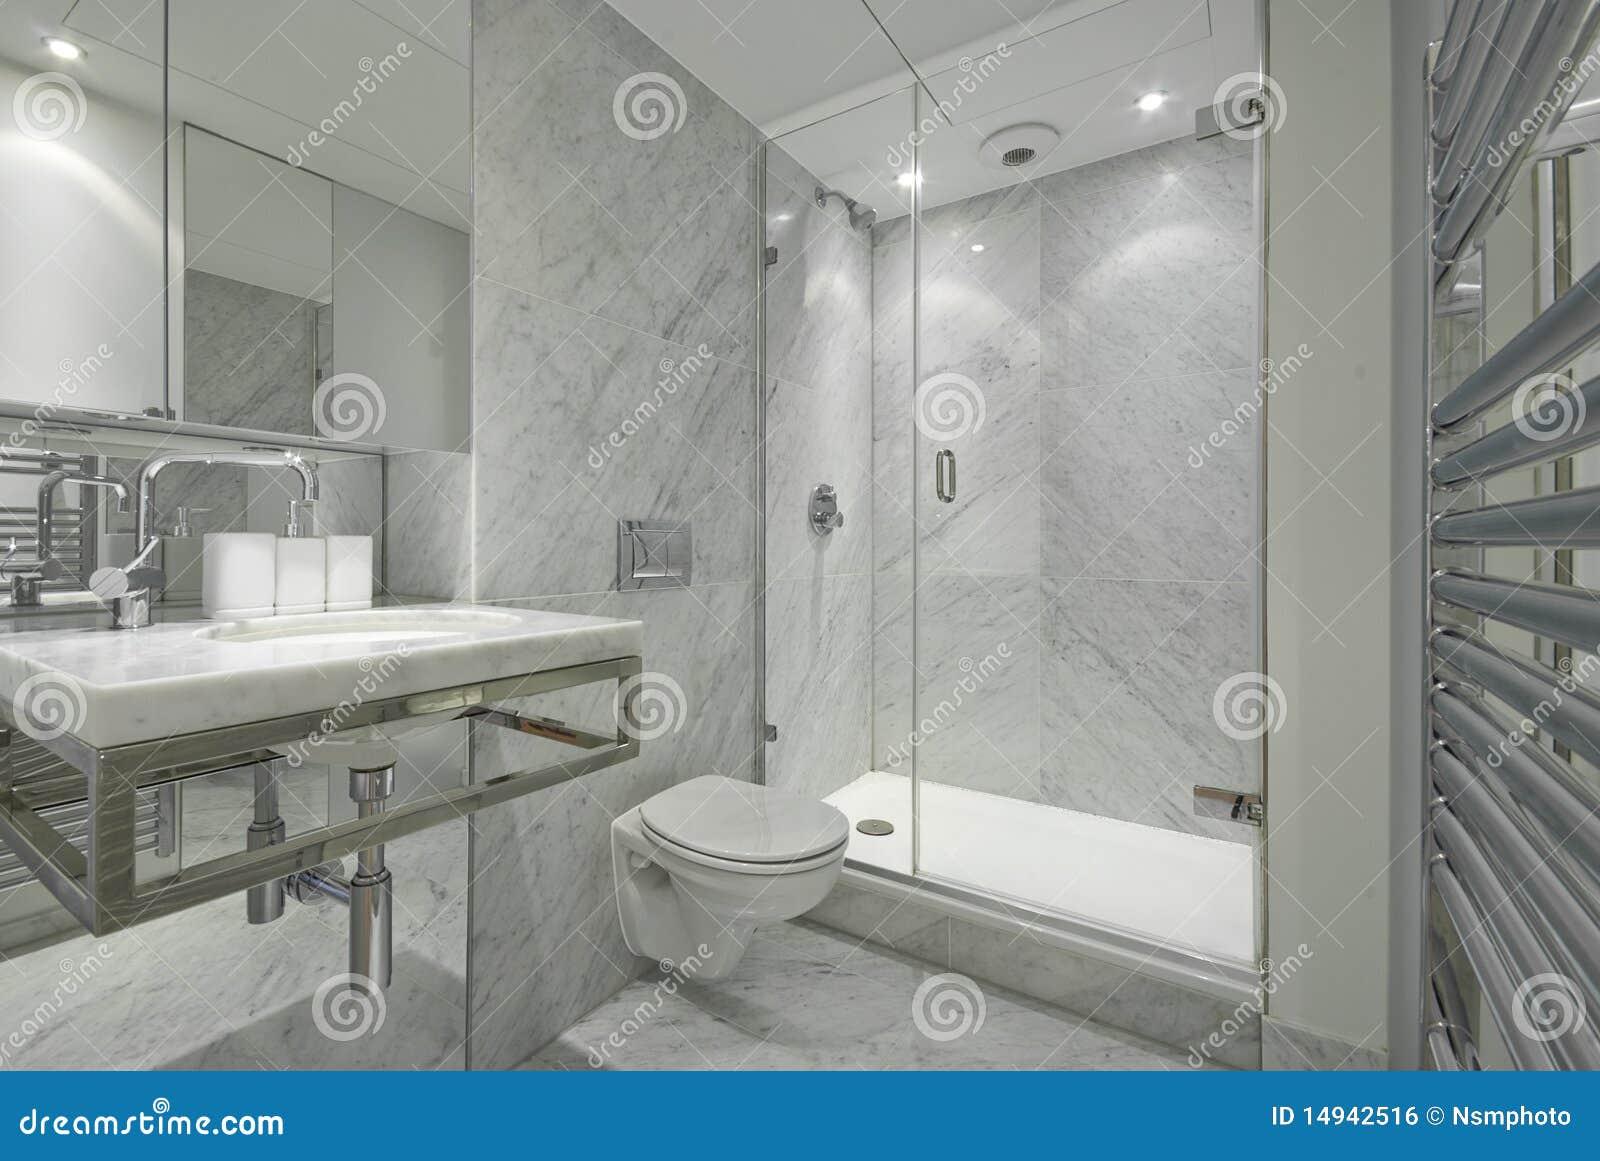 Cuarto de ba o moderno del m rmol de la habitaci n del en for Bano marmol blanco